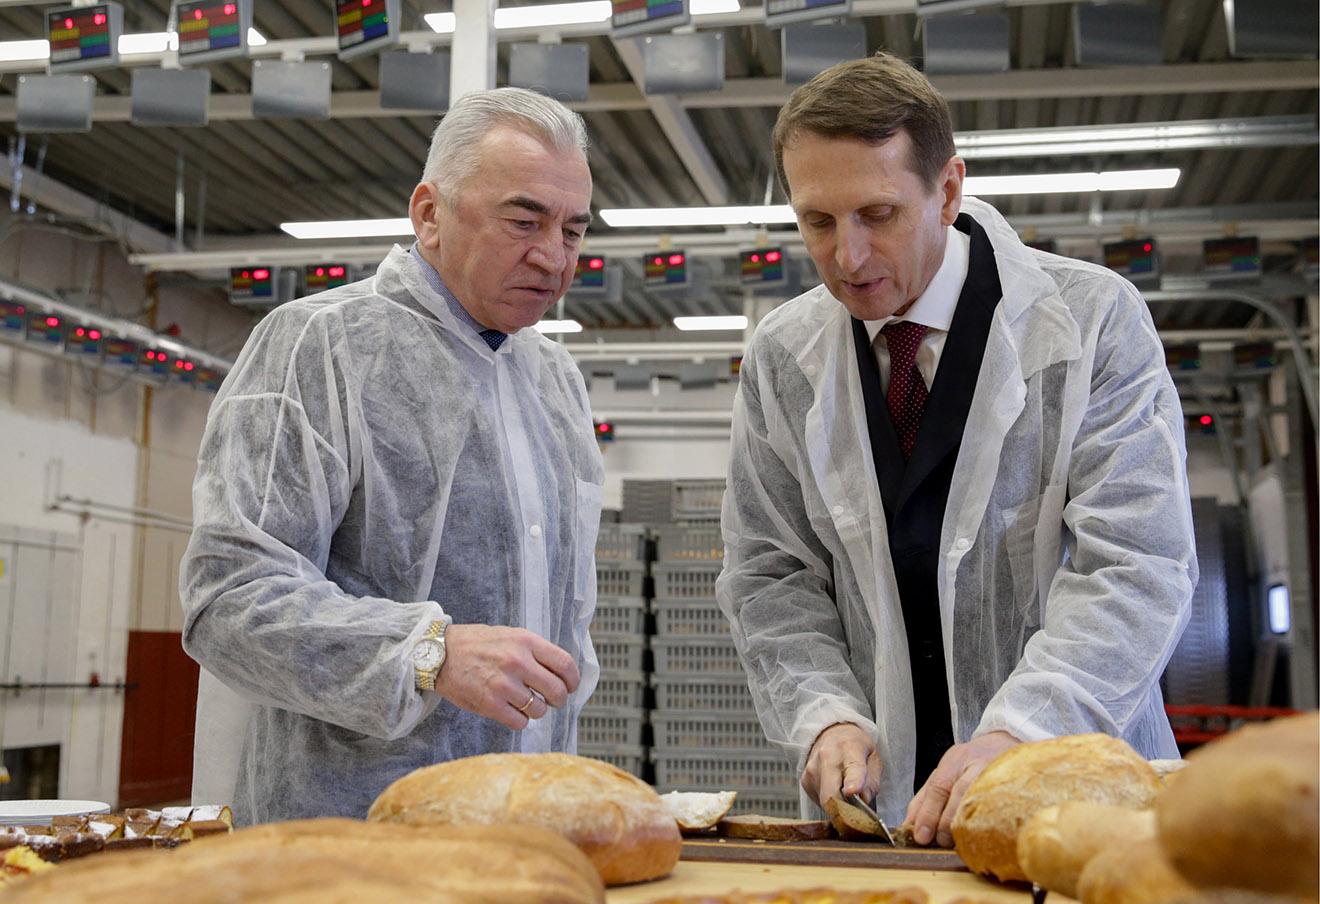 Сергей Нарышкин (справа) во время посещения пекарни «Хлебная Усадьба» в деревне Бегуницы.